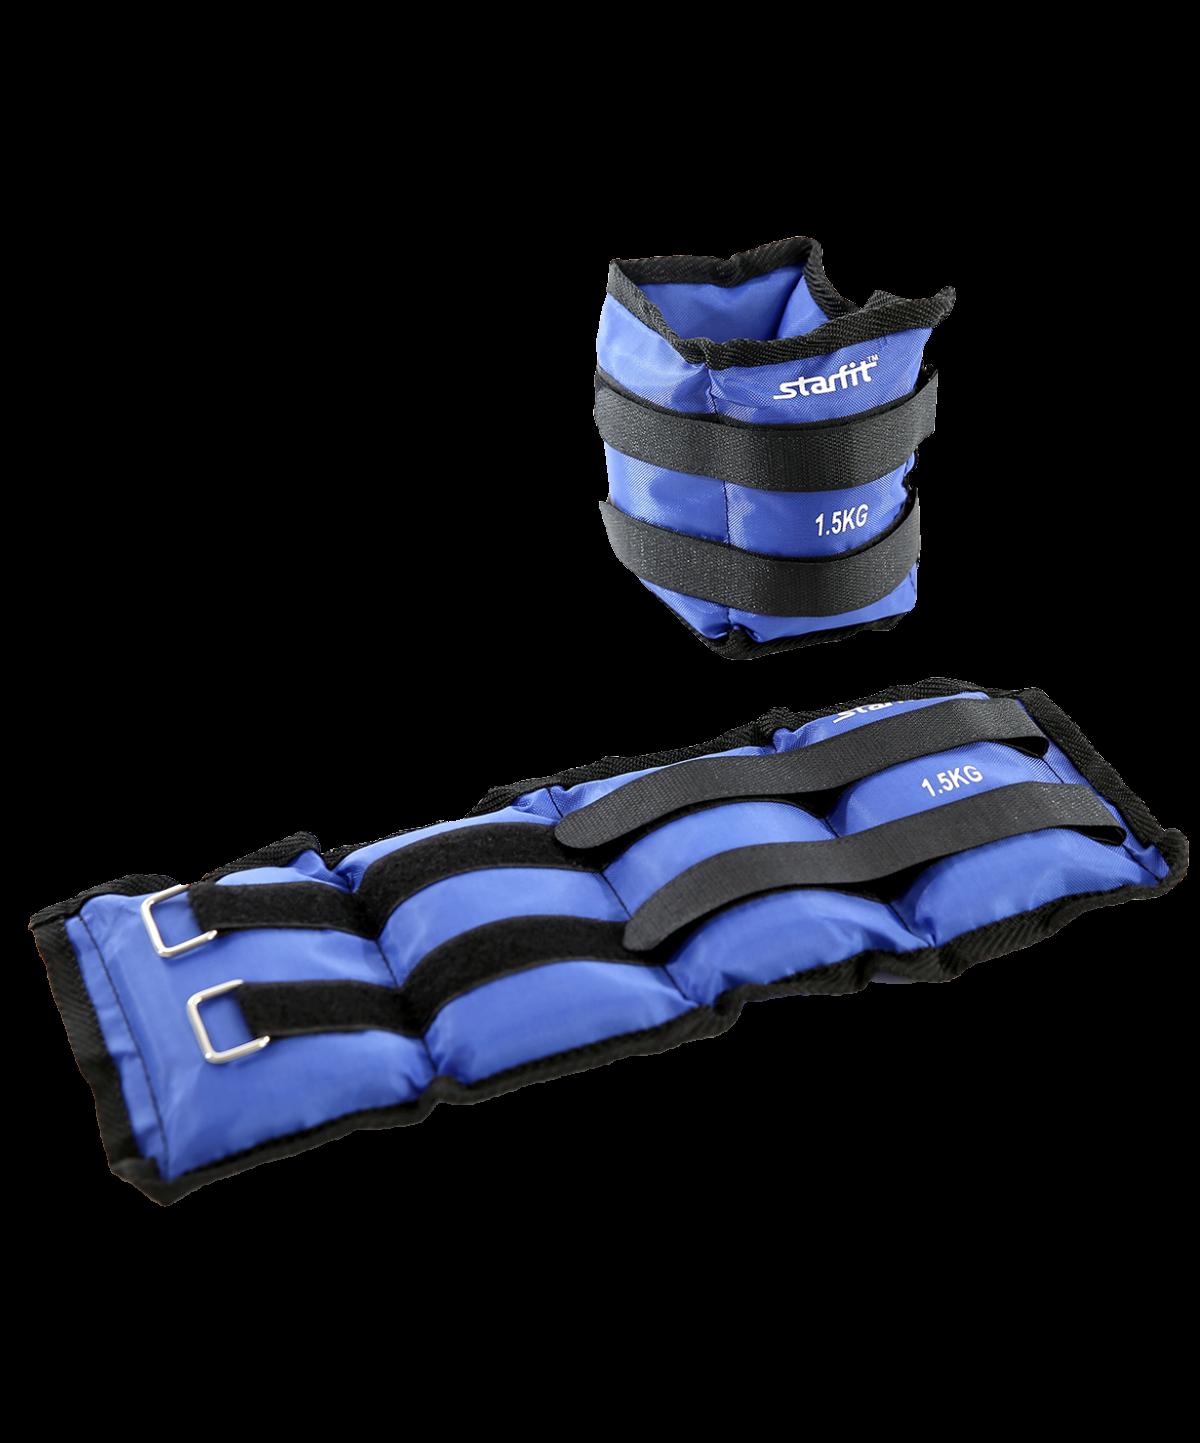 STARFIT Утяжелители 1,5 кг, синий WT-401 - 1